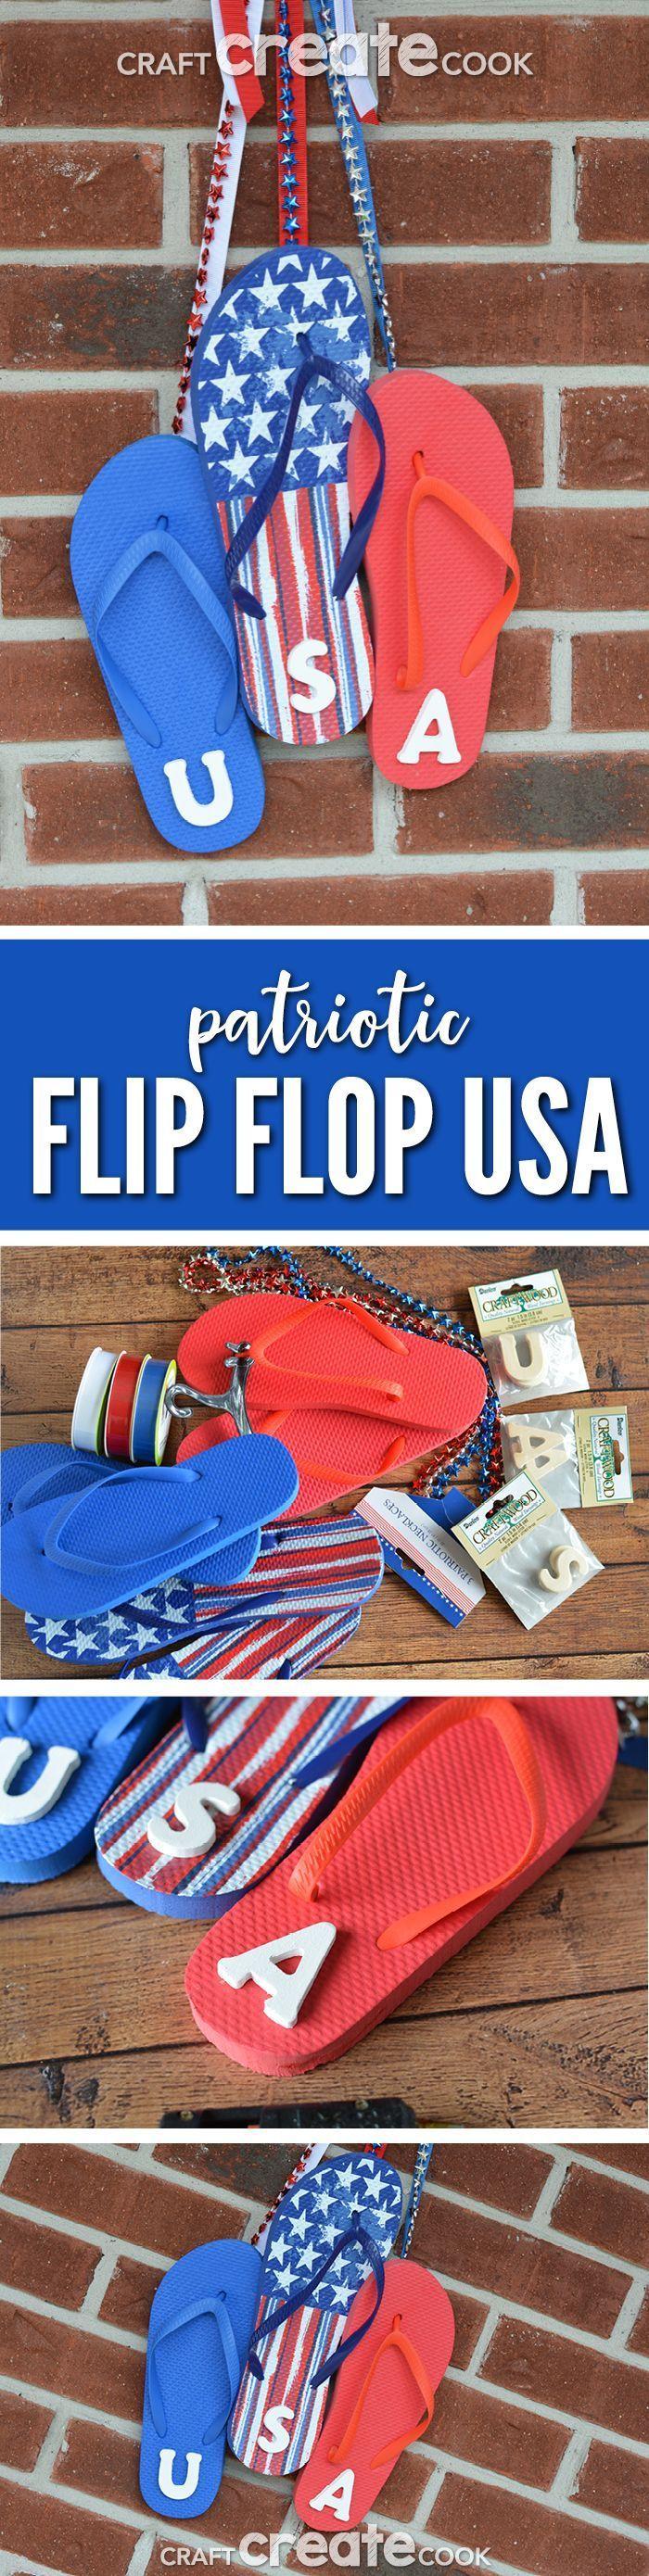 08faf2158 USA Flip Flop Sign to Make